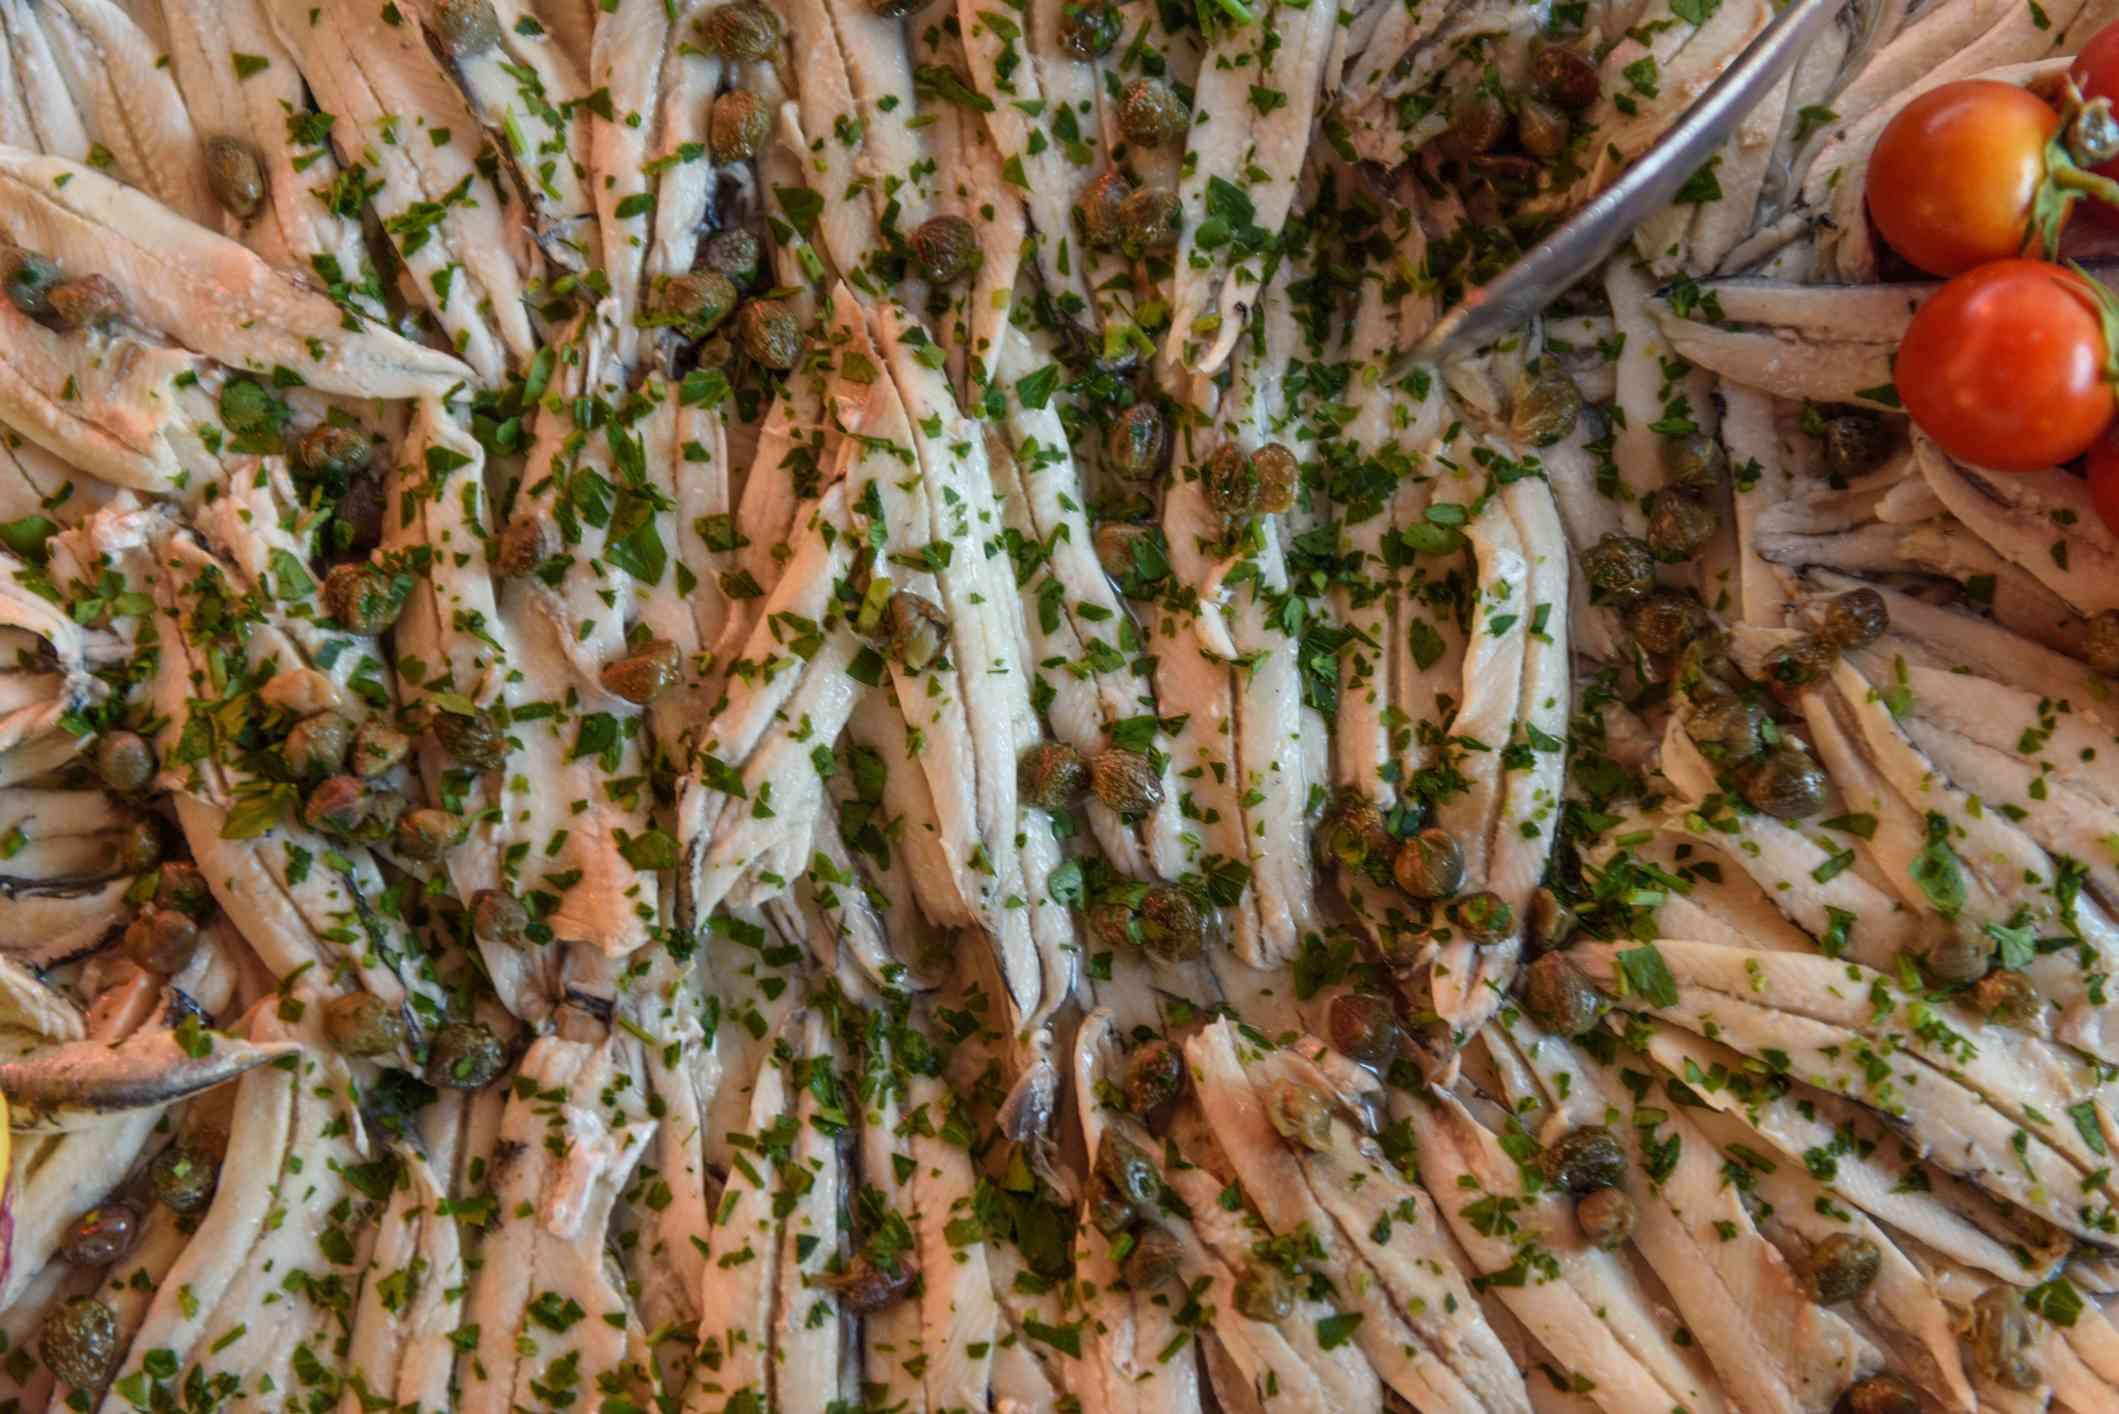 Primer plano de un plato de anchoas marinadas